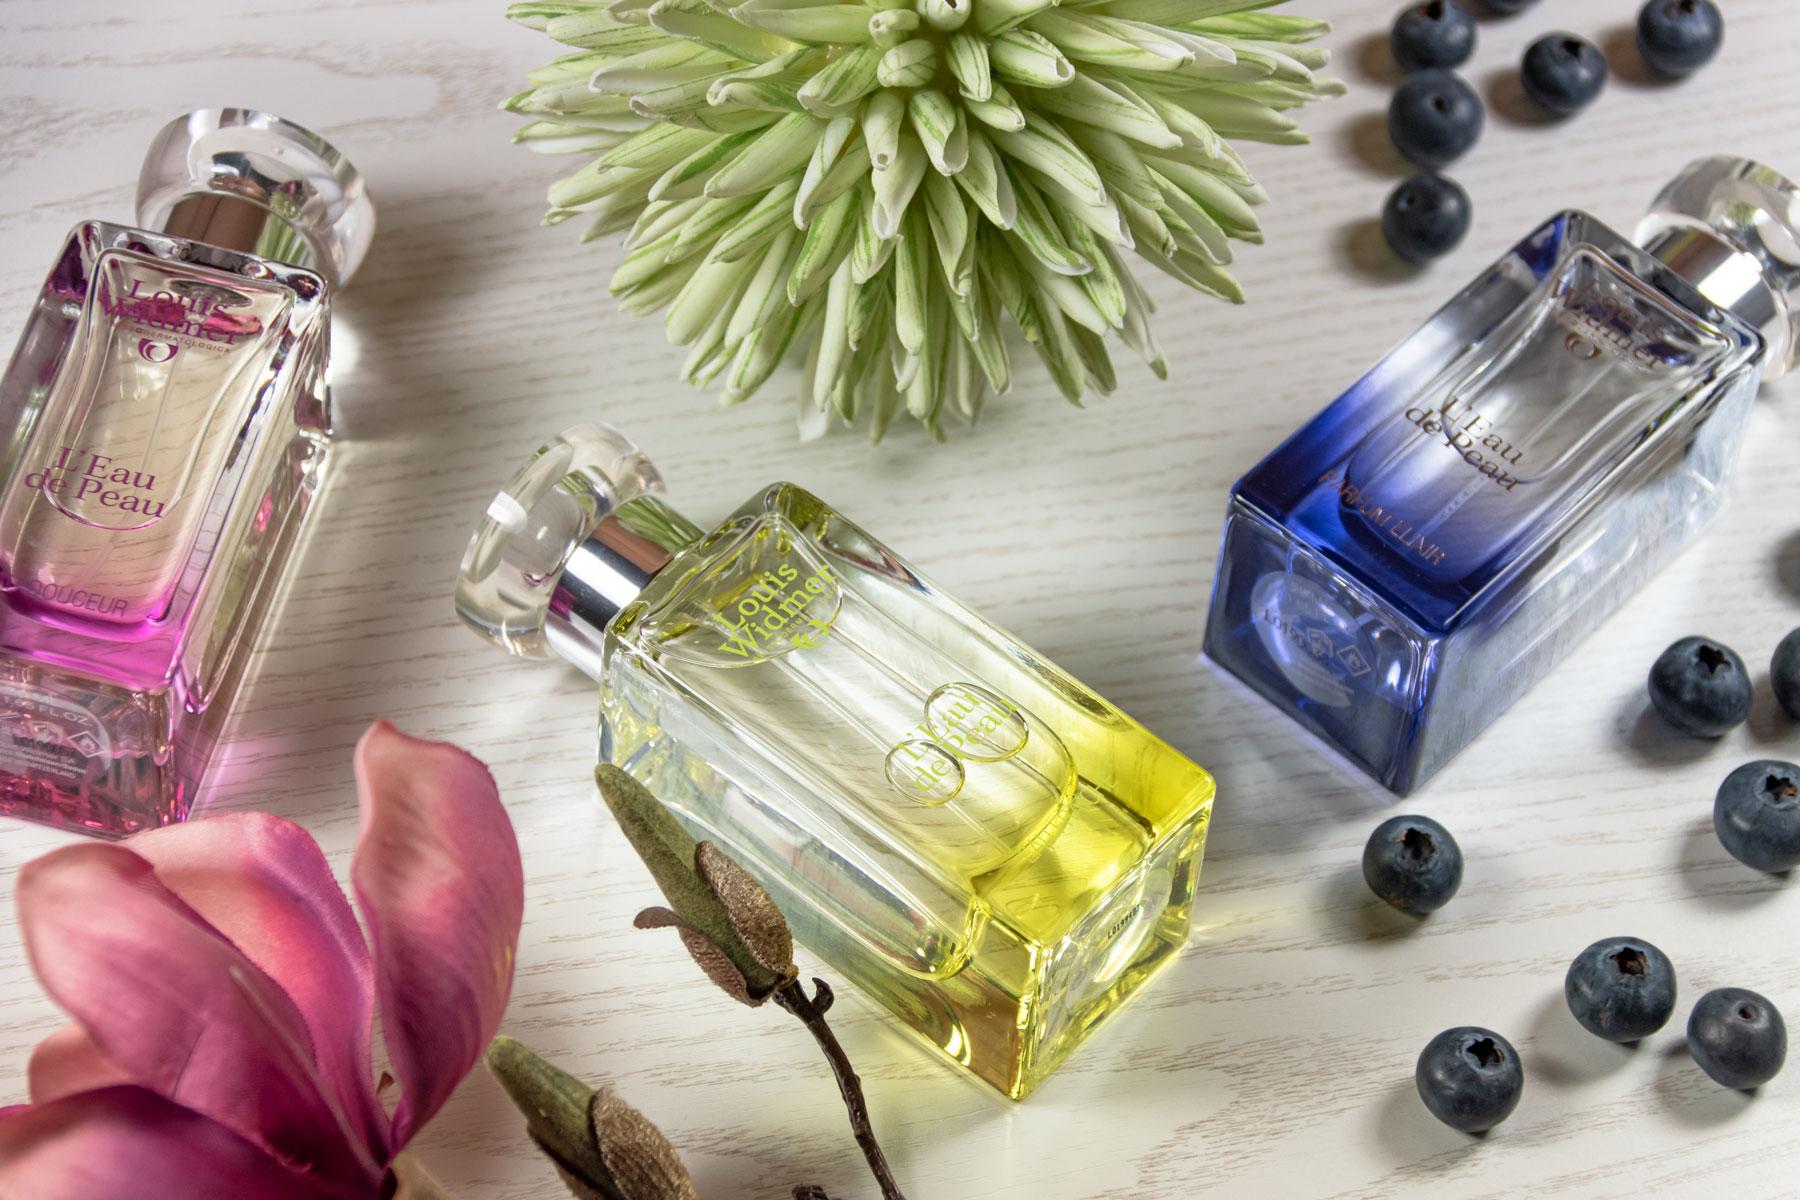 Louis Widmer L'Eau de Peau Düfte Parfum